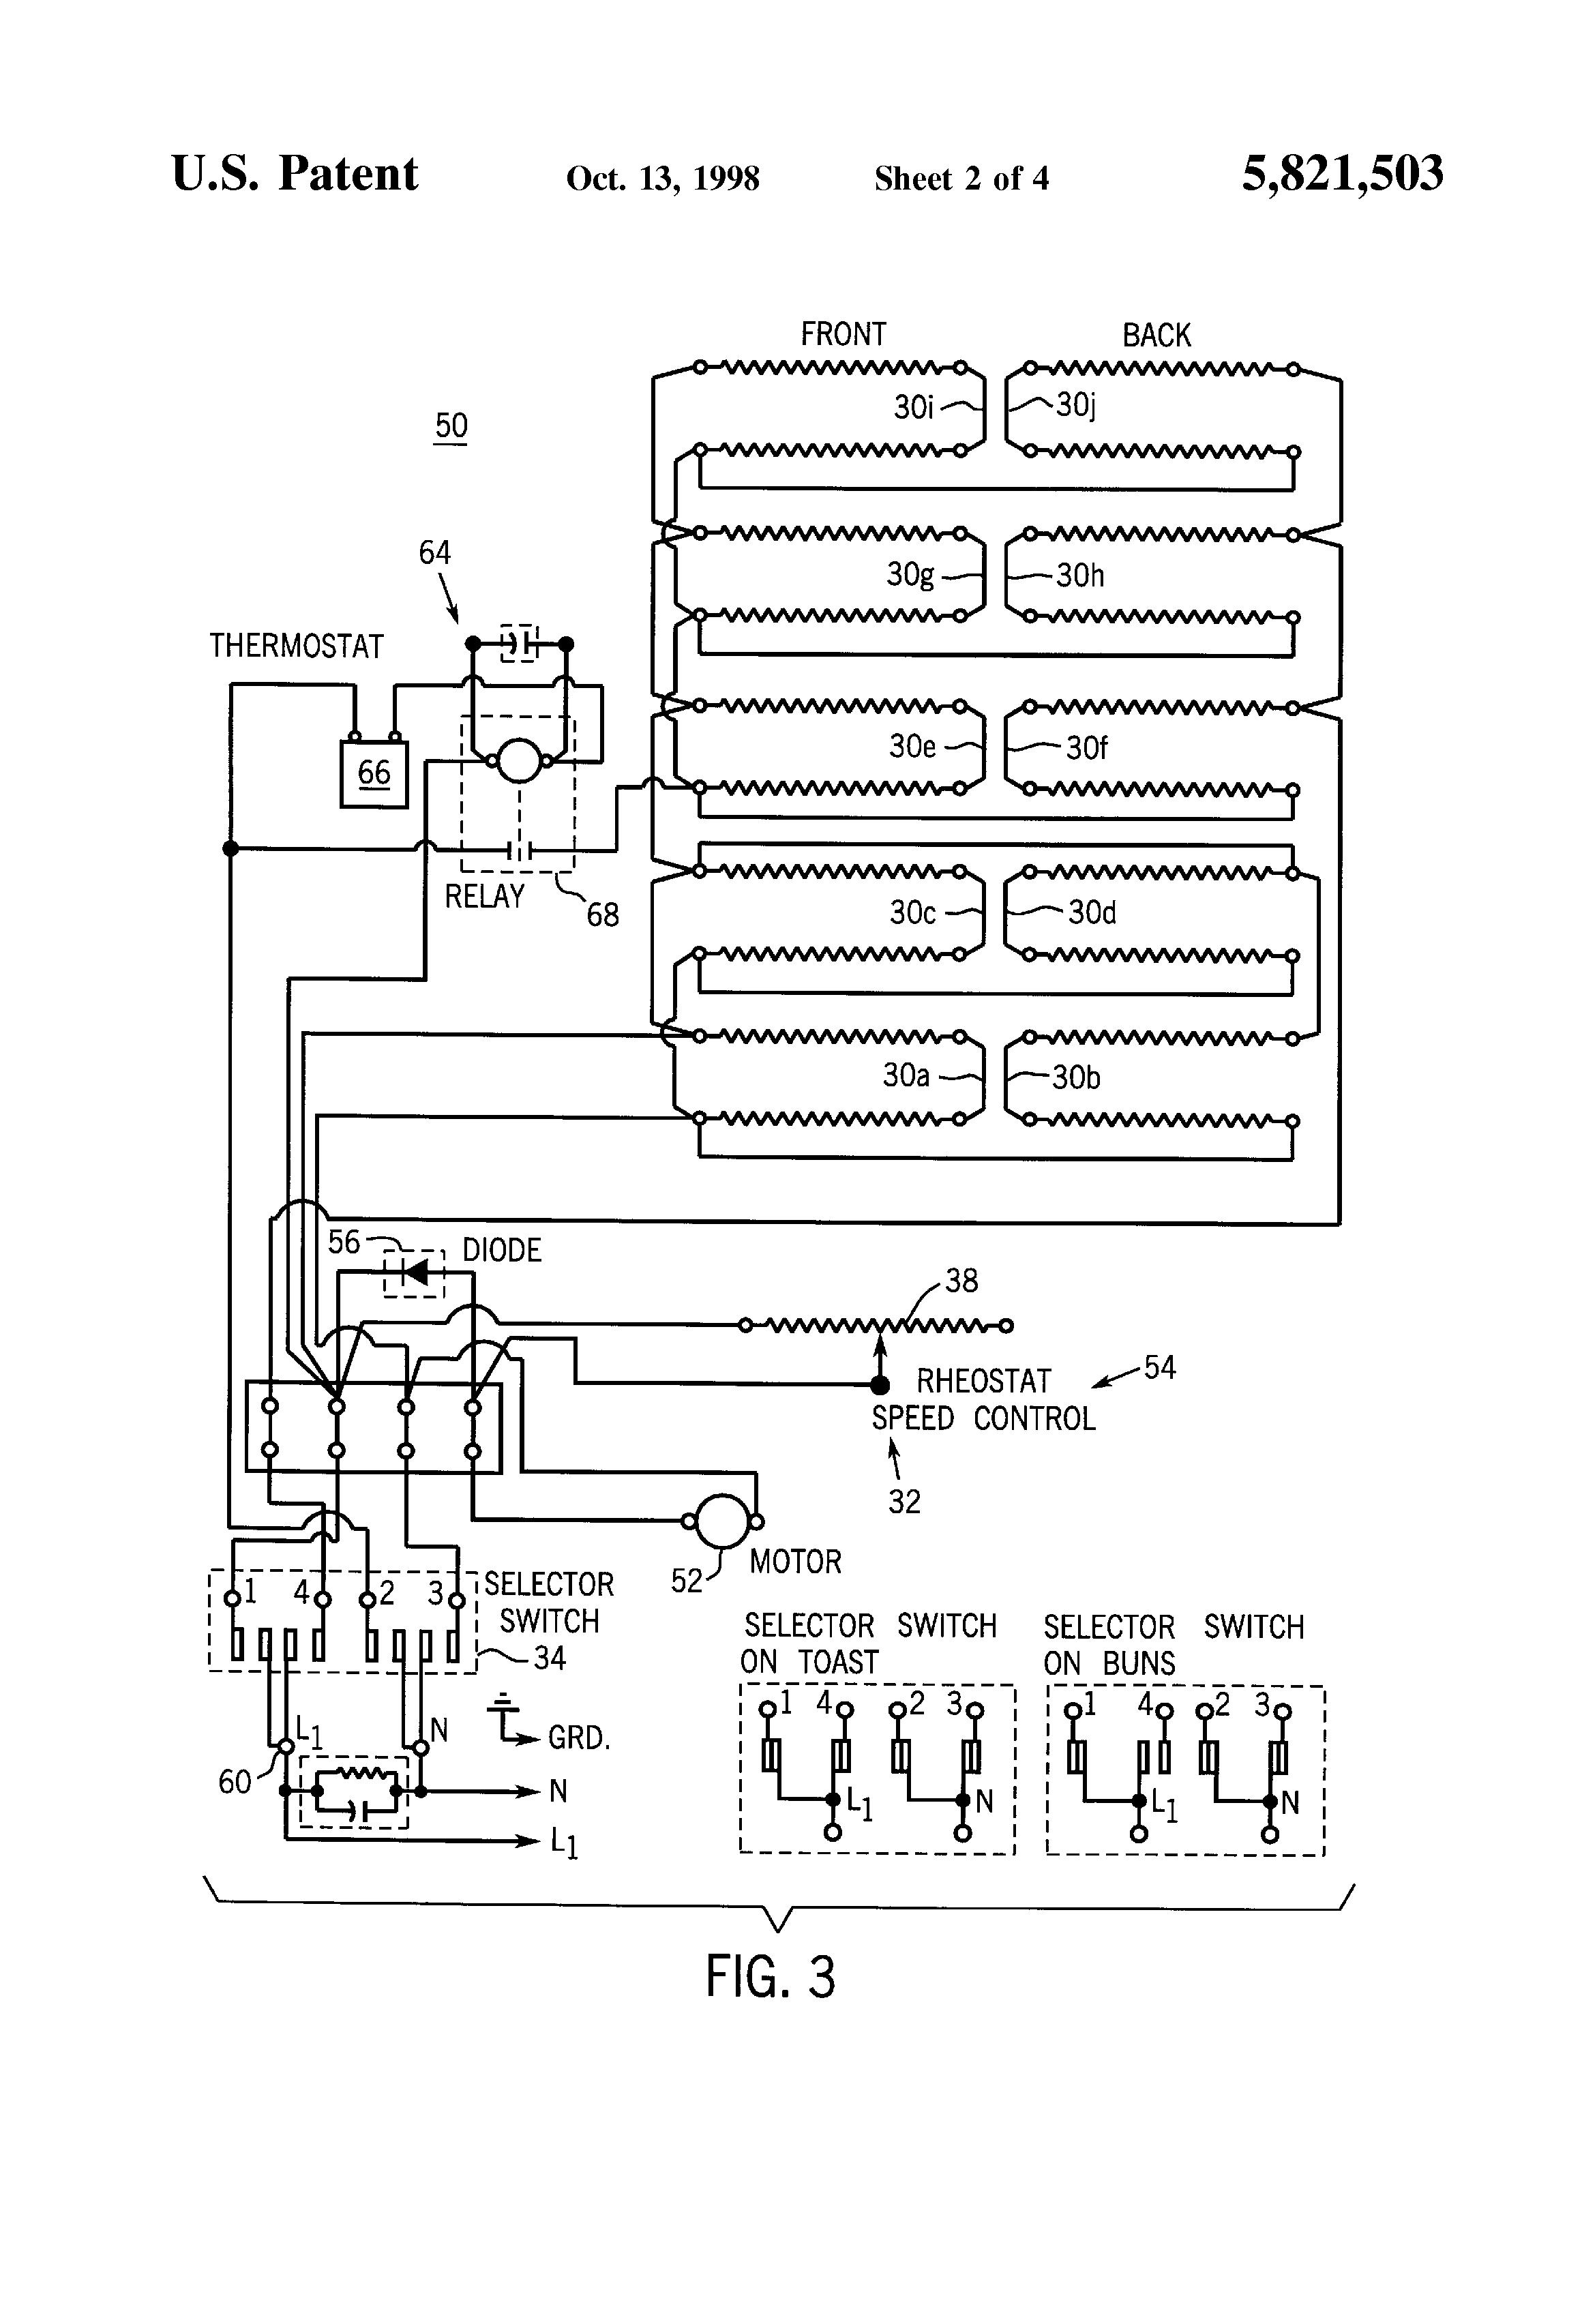 hatco wiring diagram storage heating wiring diagram - wiring diagram and schematics #15